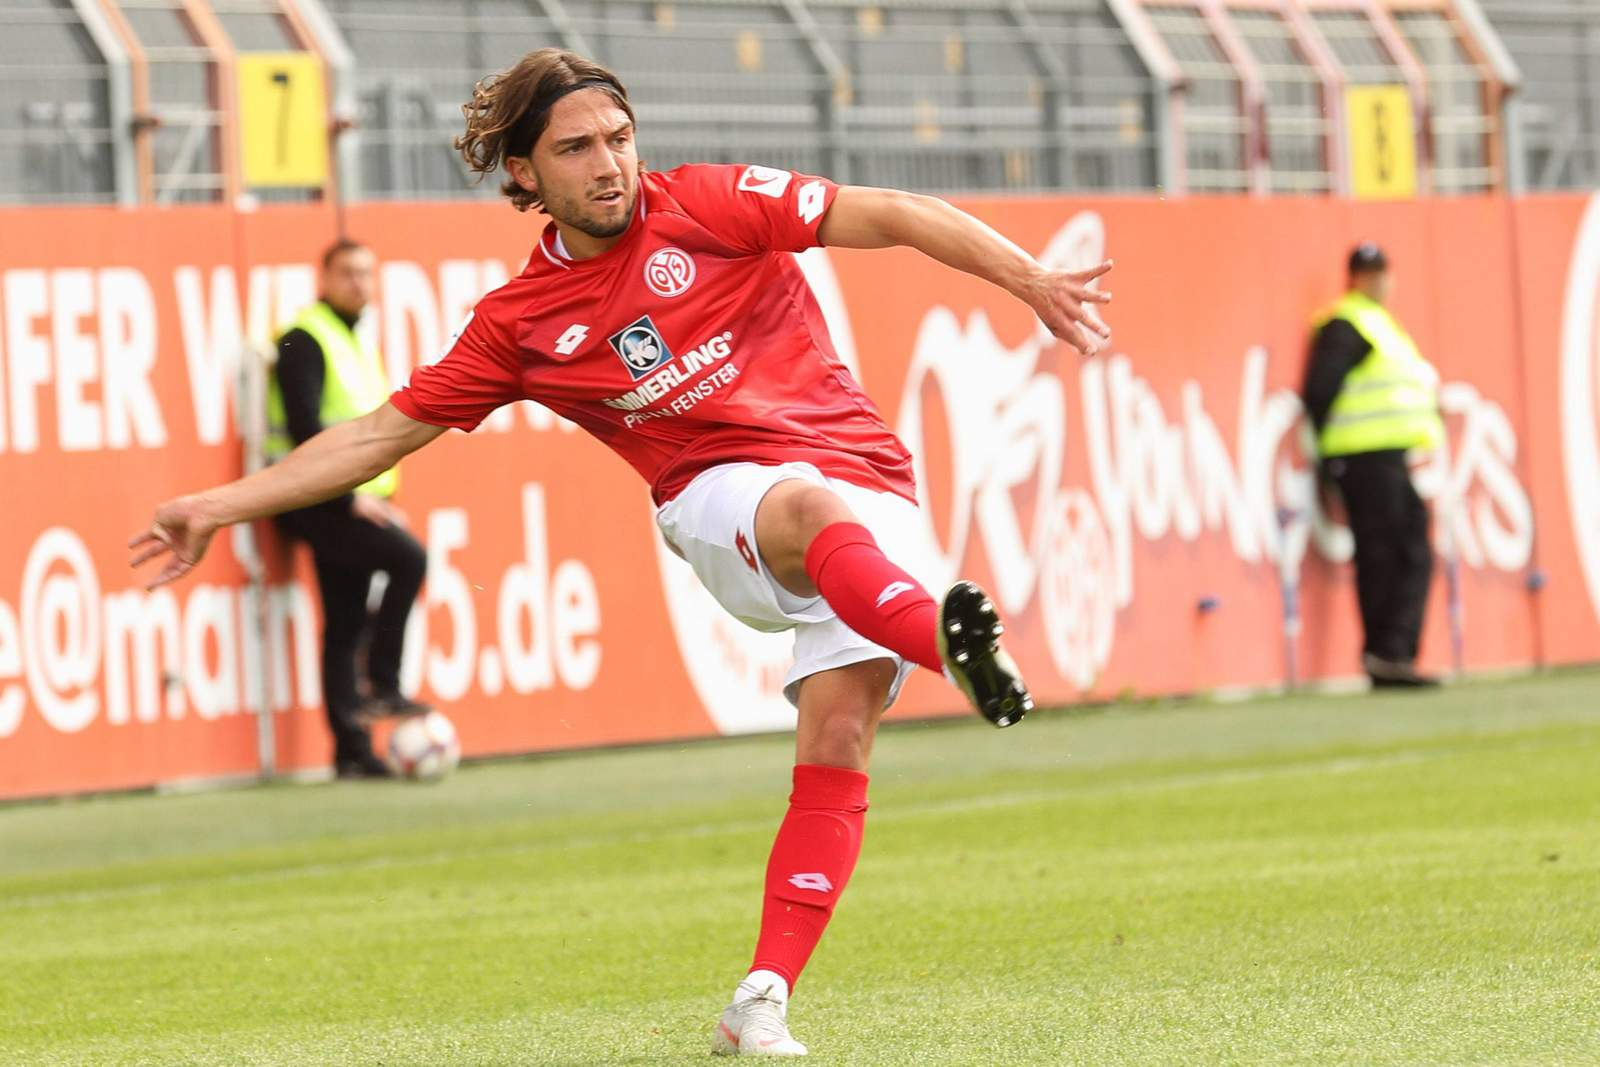 Sandro Loechelt von Mainz 05